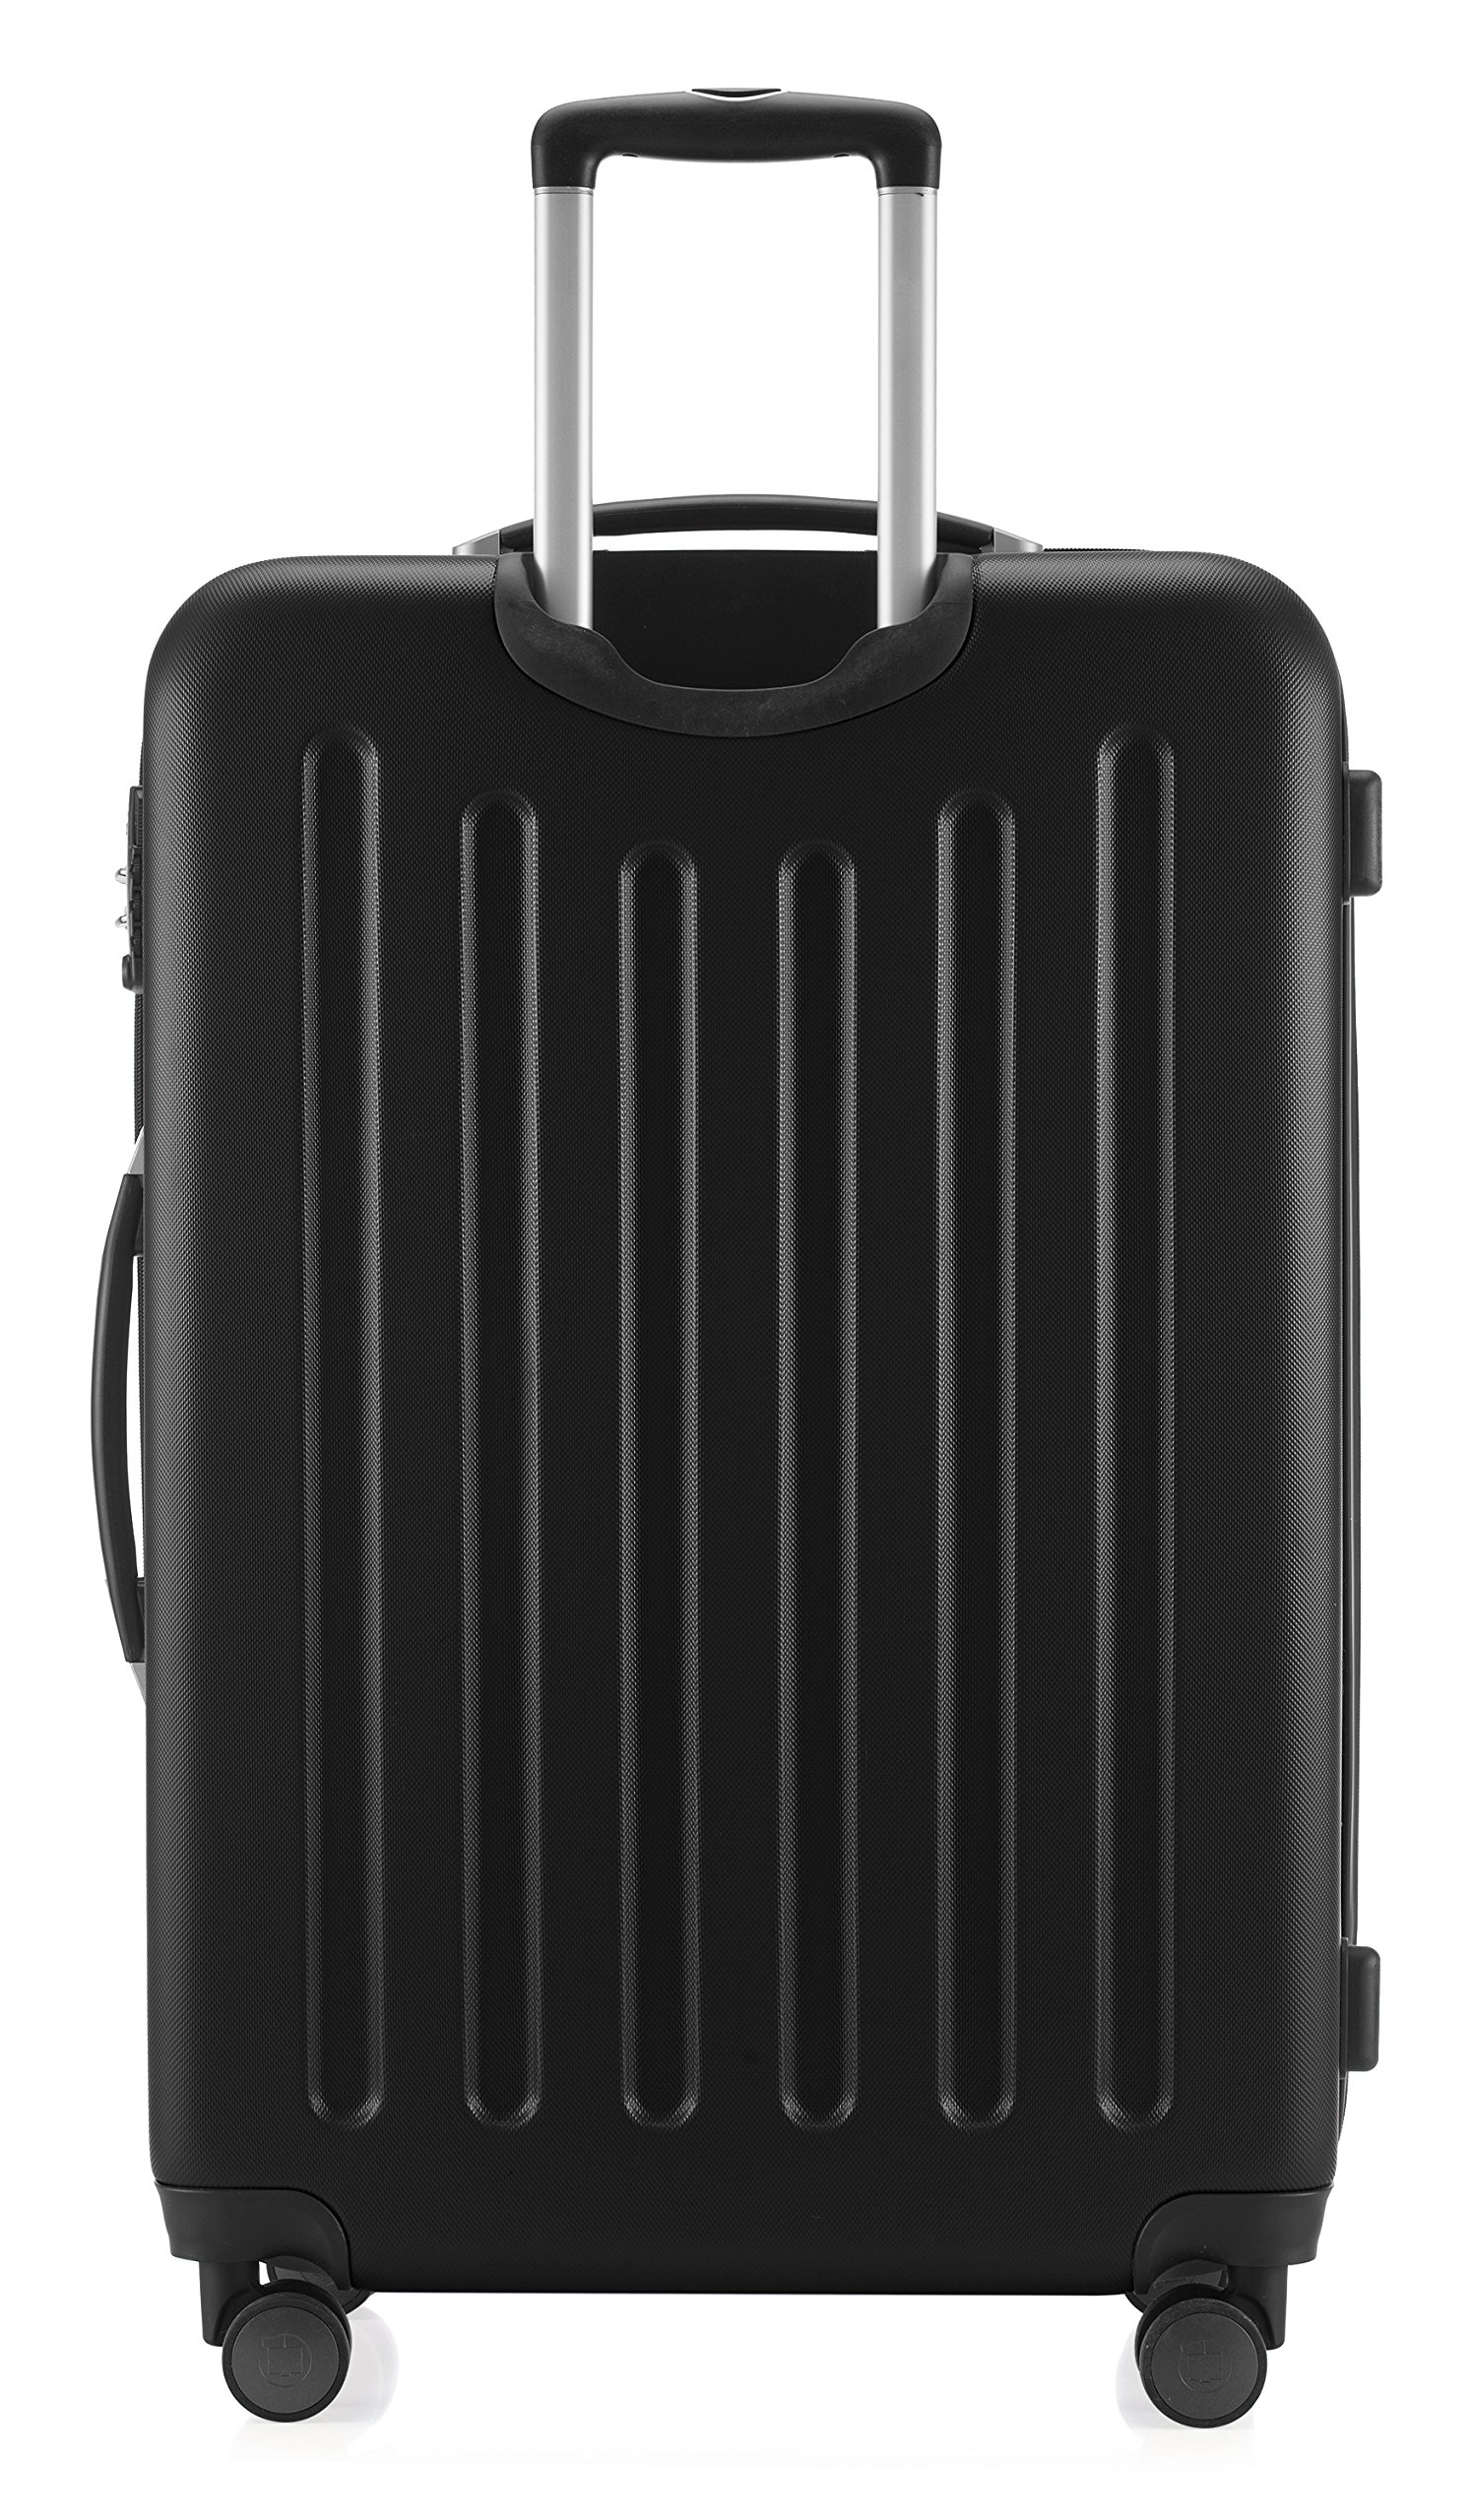 Hauptstadtkoffer-Spree-Hartschalen-Koffer-Koffer-Trolley-Rollkoffer-Reisekoffer-Erweiterbar-4-Rollen-TSA-75-cm-119-Liter-Schwarz